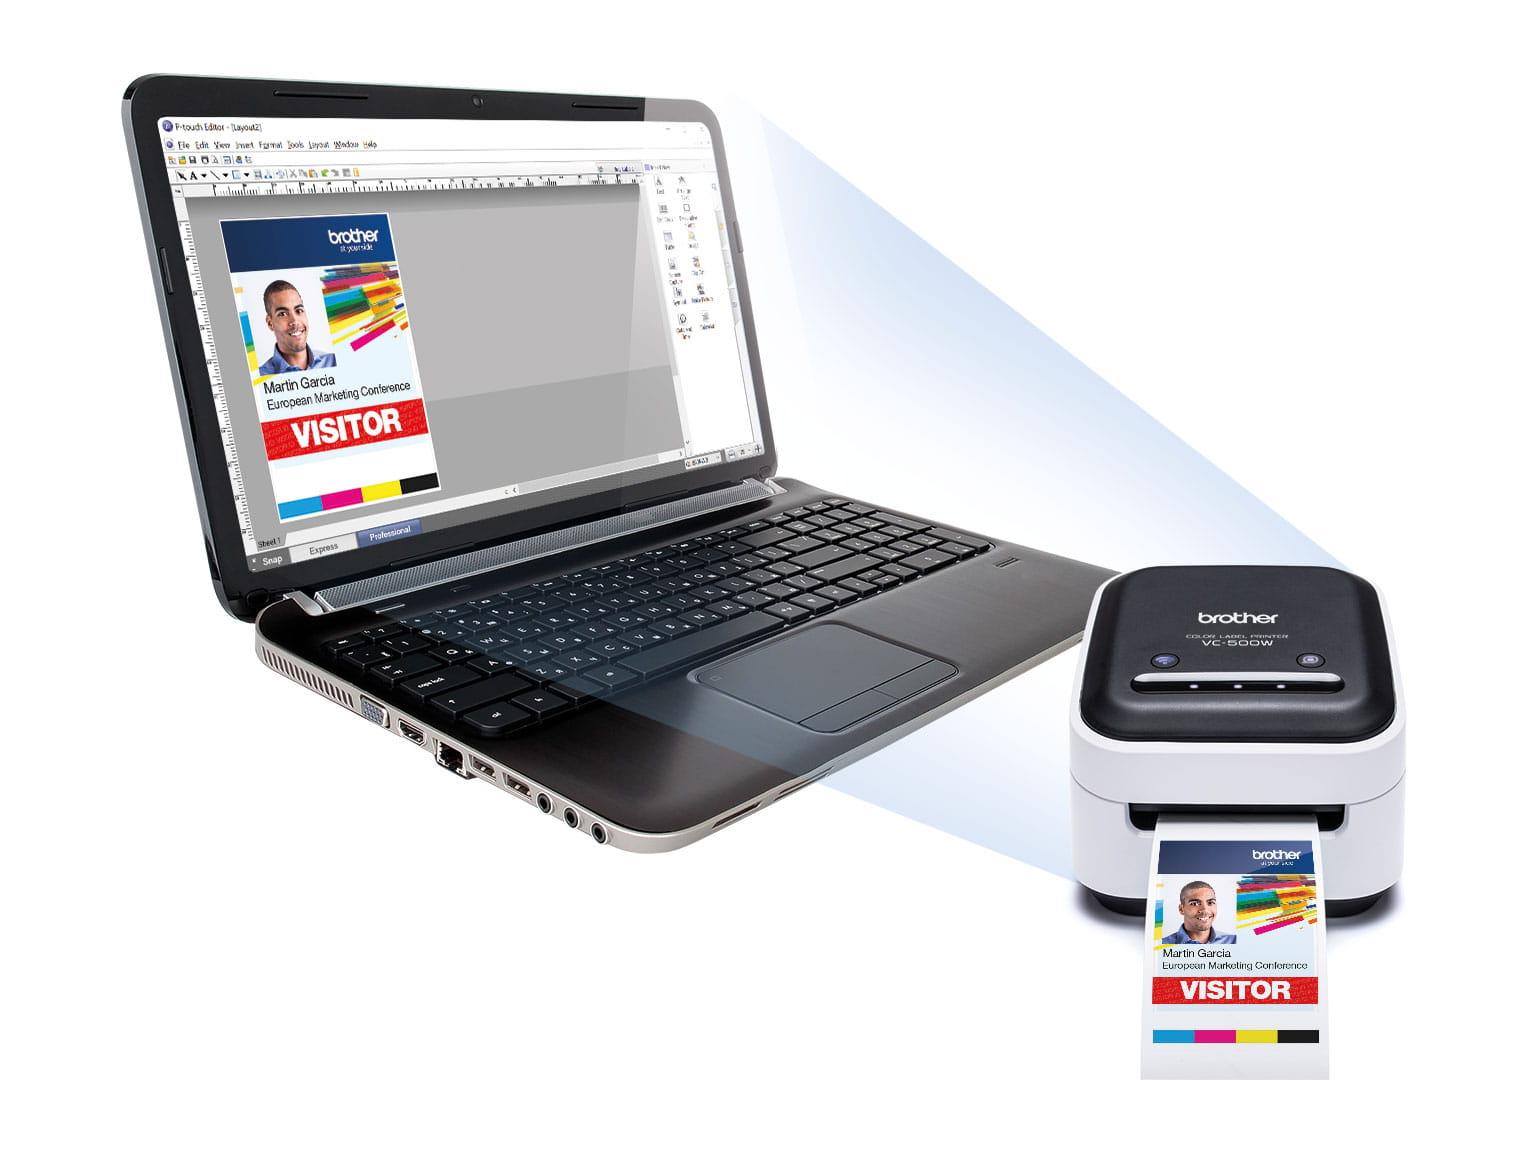 Imprimanta color VC-500W si software-ul P-touch pe unlaptop